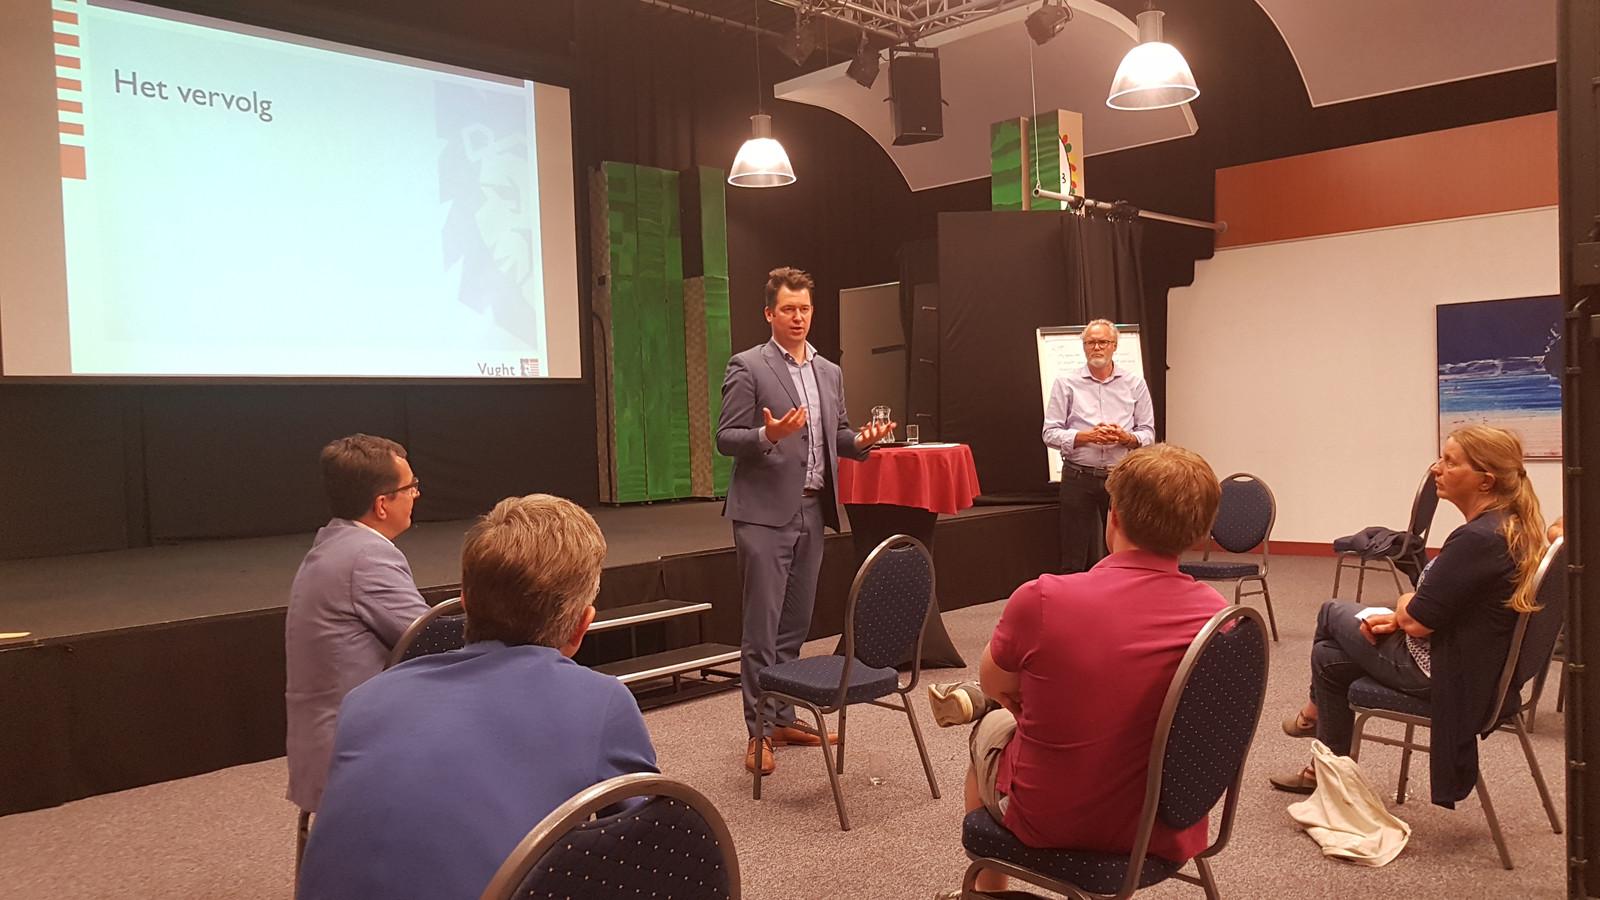 Wethouder Toine van de Ven legt uit waar de molens en/of zonnepanelen mogelijk zouden kunnen komen.